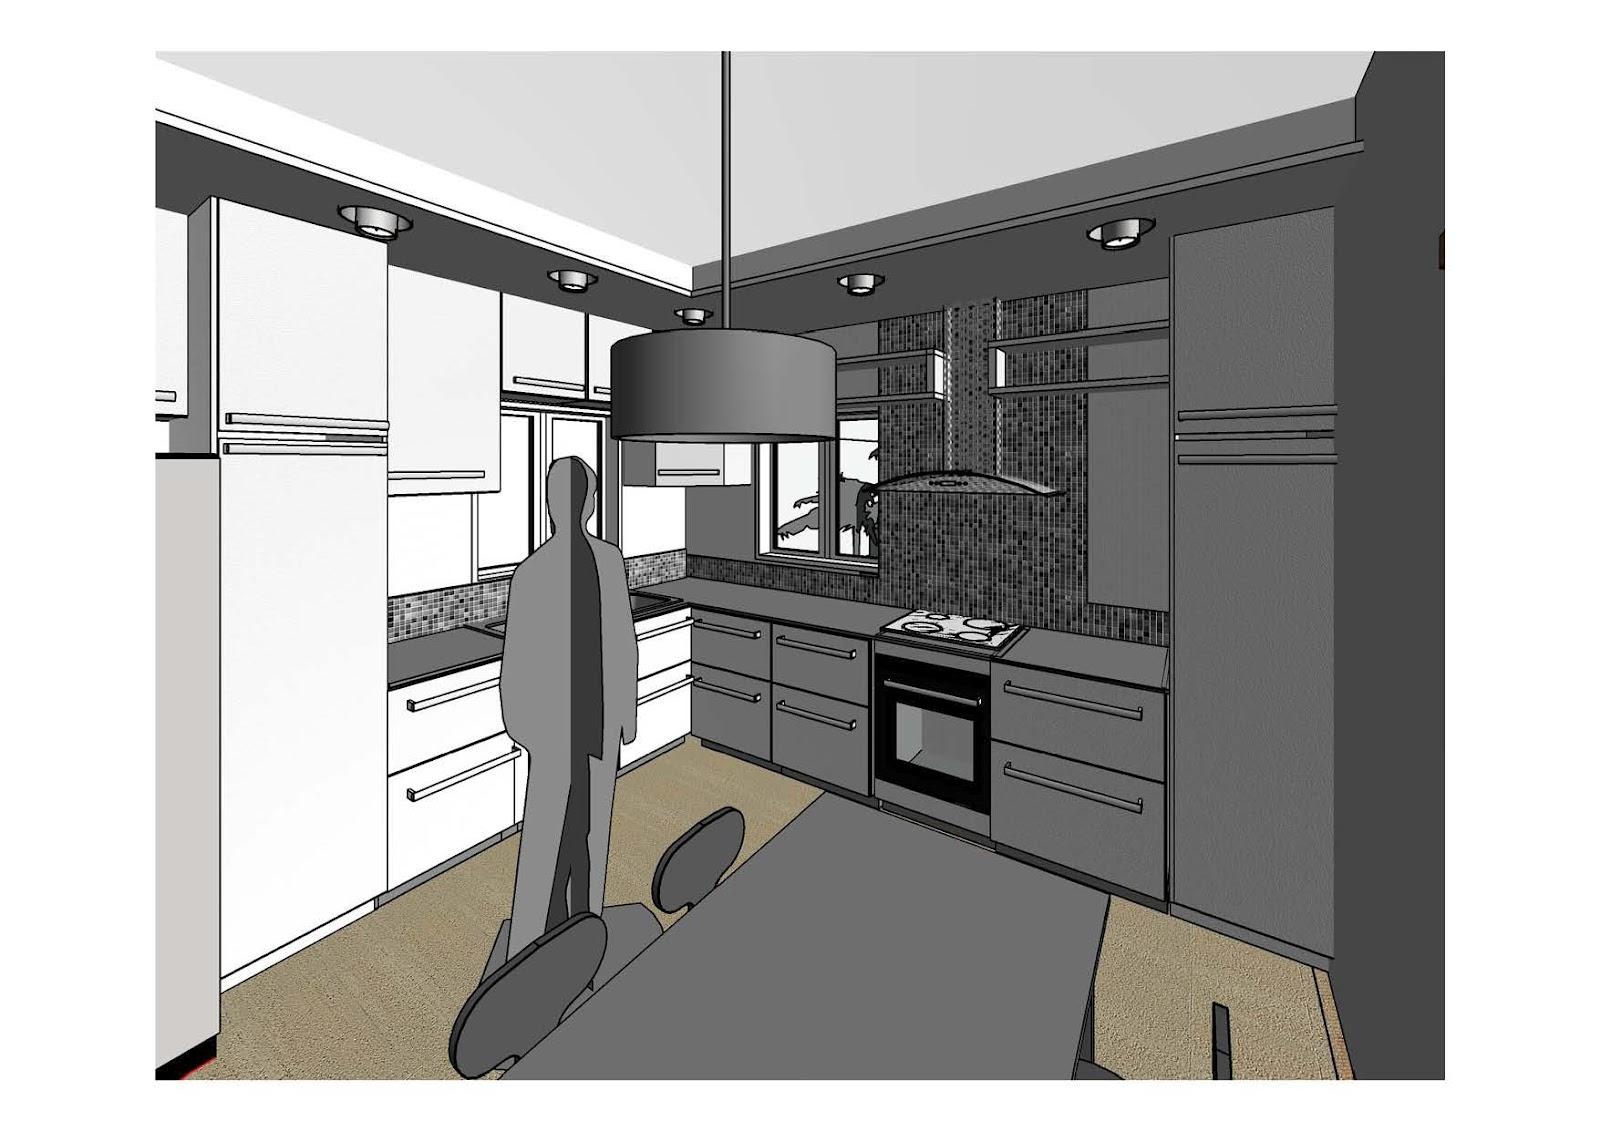 PROJETOS DE COZINHA 4d Projetos Arquitetura Sustentável #7F674C 1600 1131